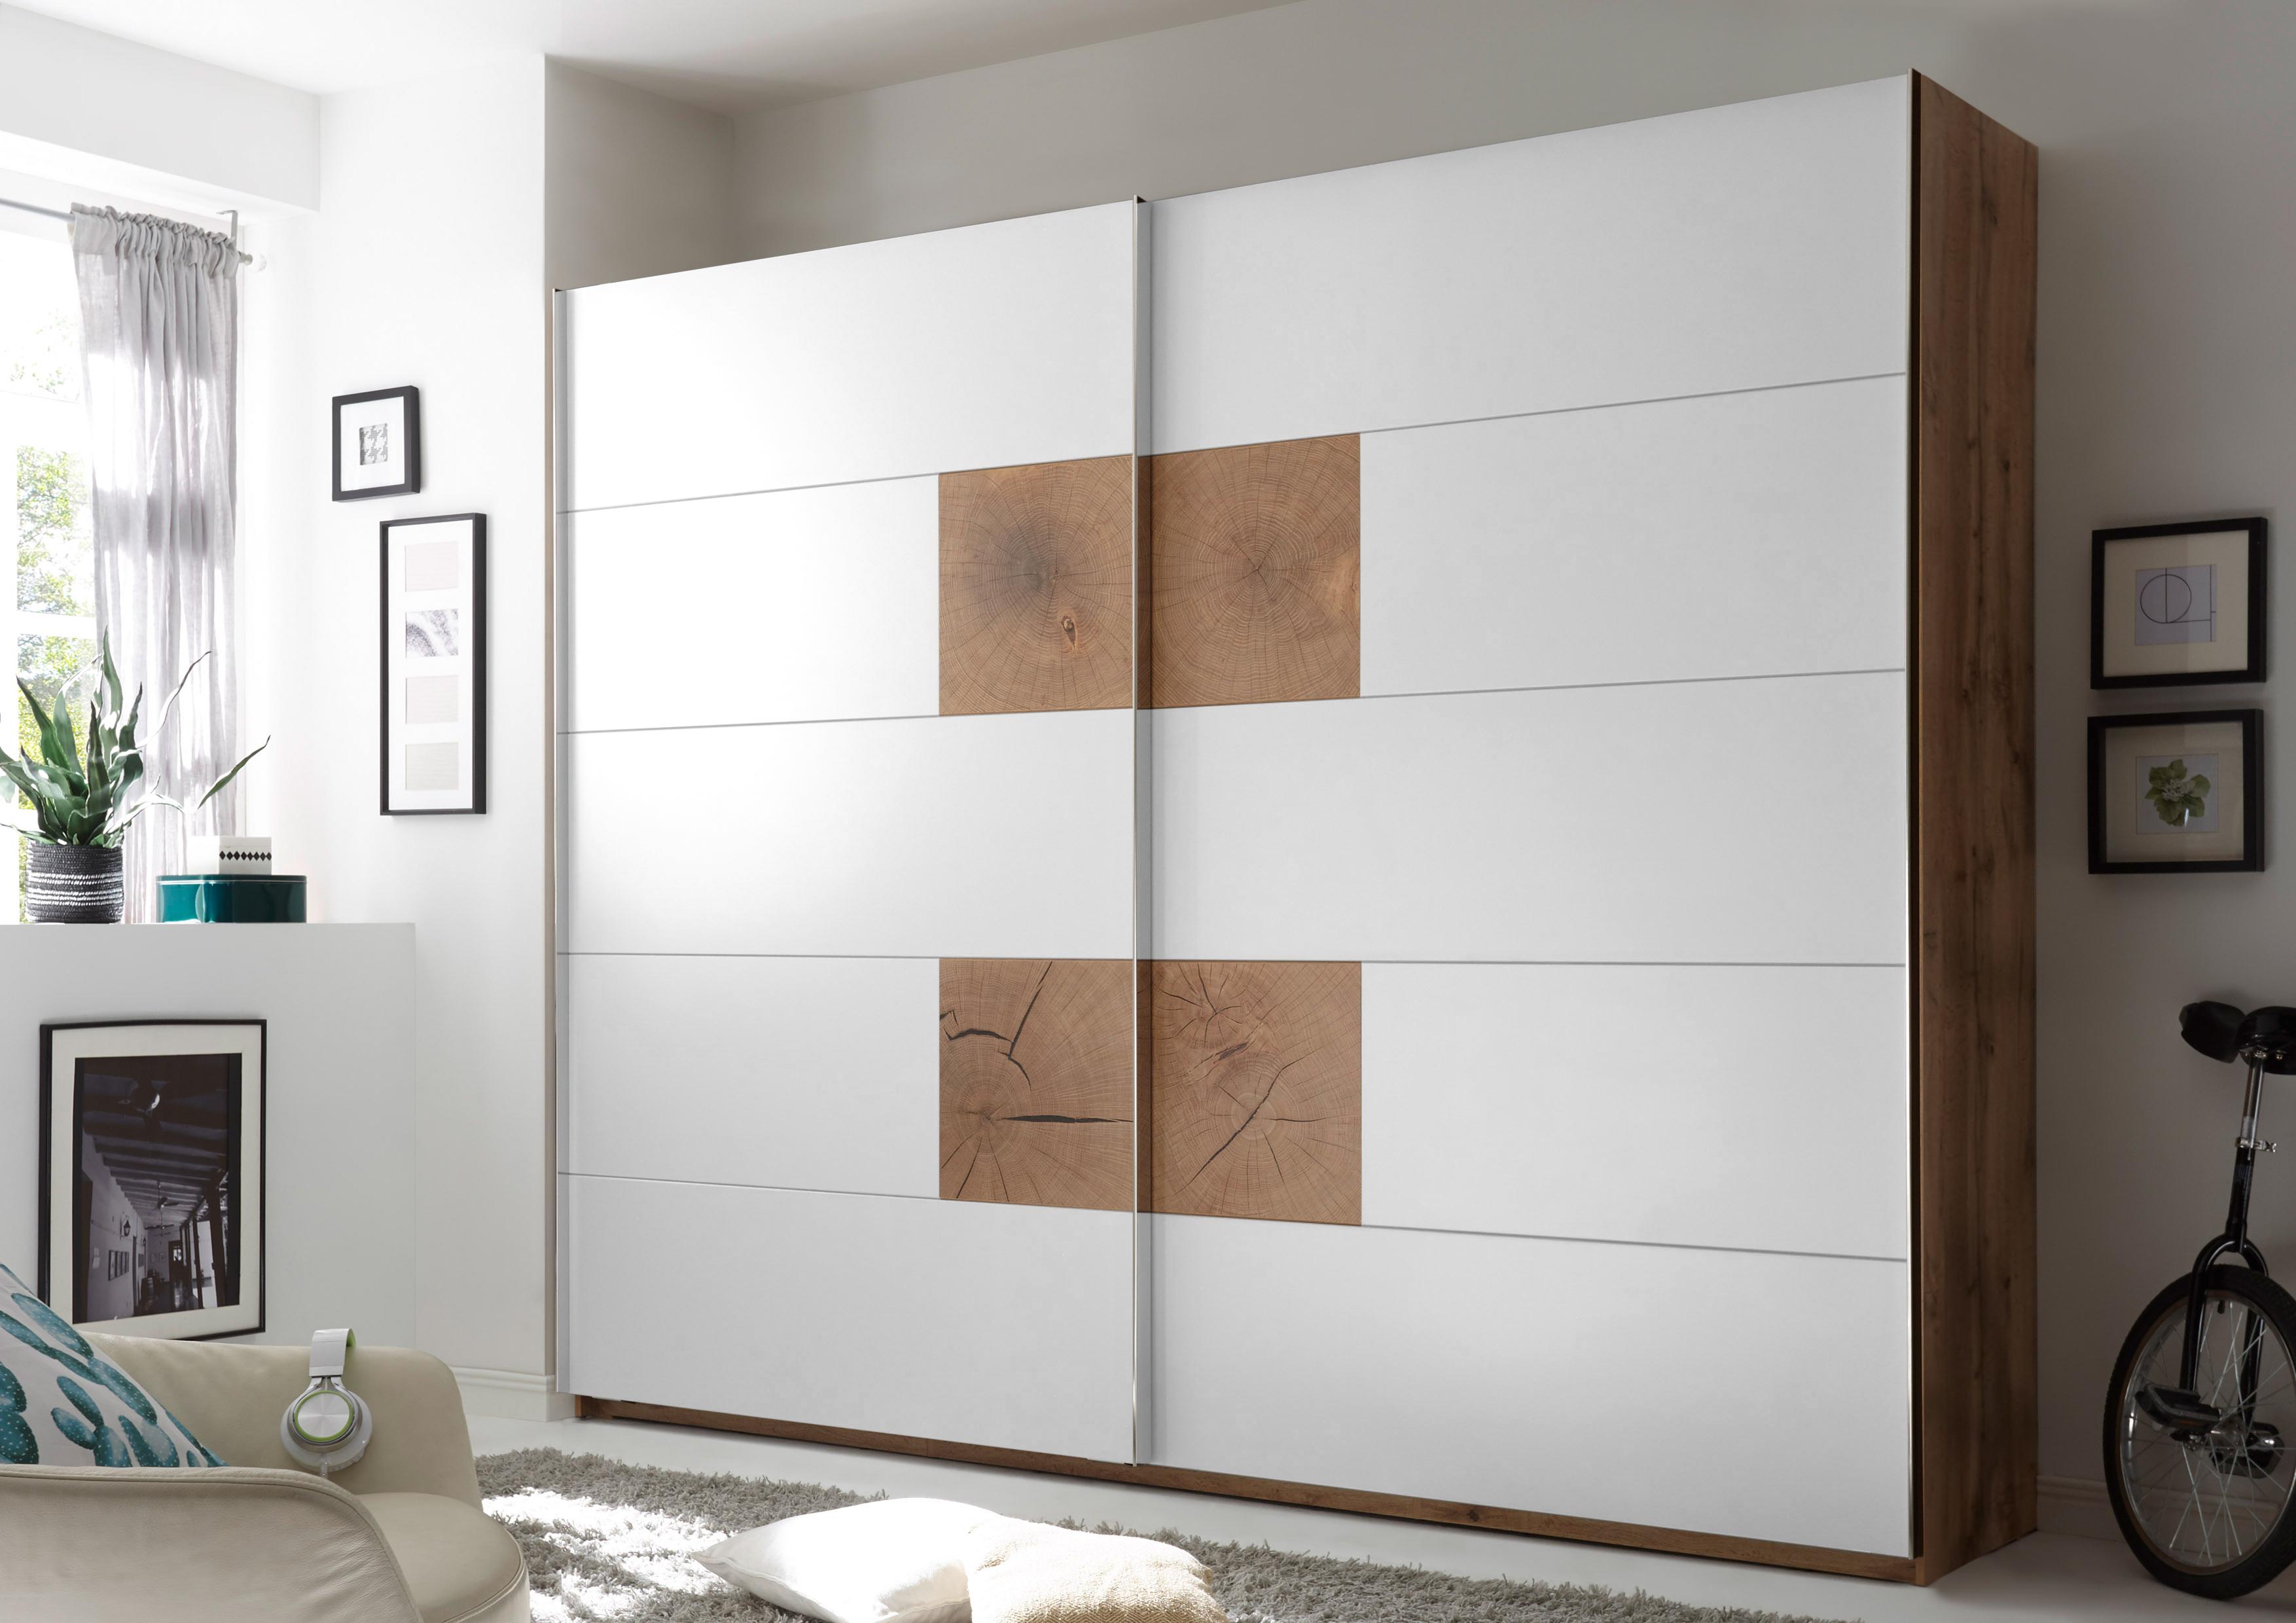 Schlafzimmer Komplett Set 4-tlg. CAPRI Bett 180 Kleiderschrank weiß ...